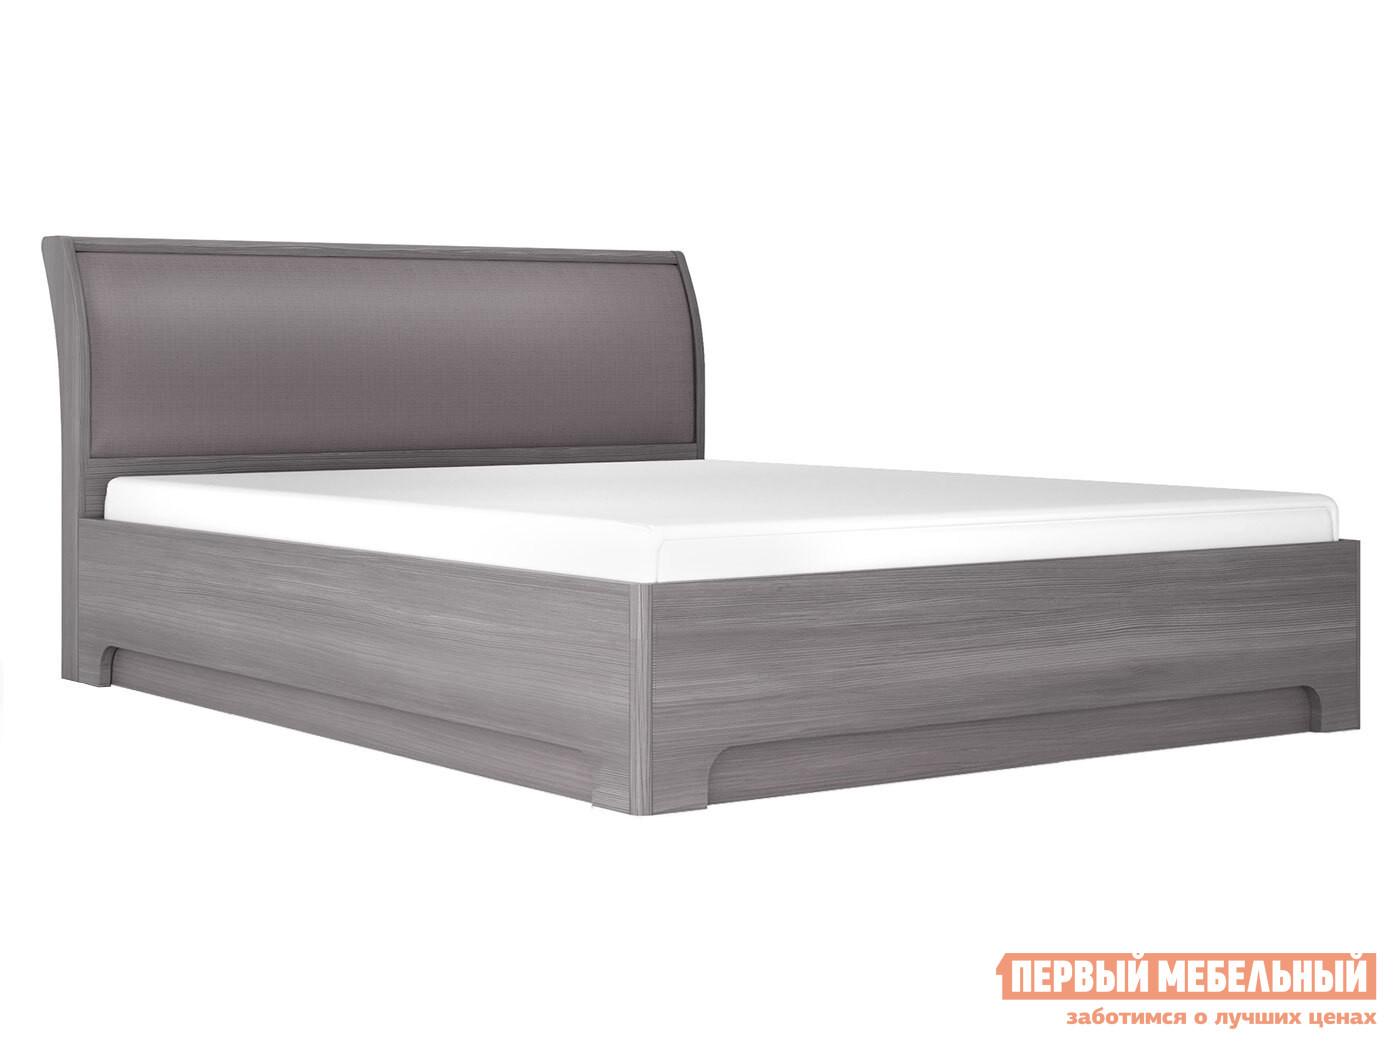 Двуспальная кровать  Кровать-3 с подъемным ортопед. основанием Лиственница темная / Экокожа дила, 1600 Х 2000 мм